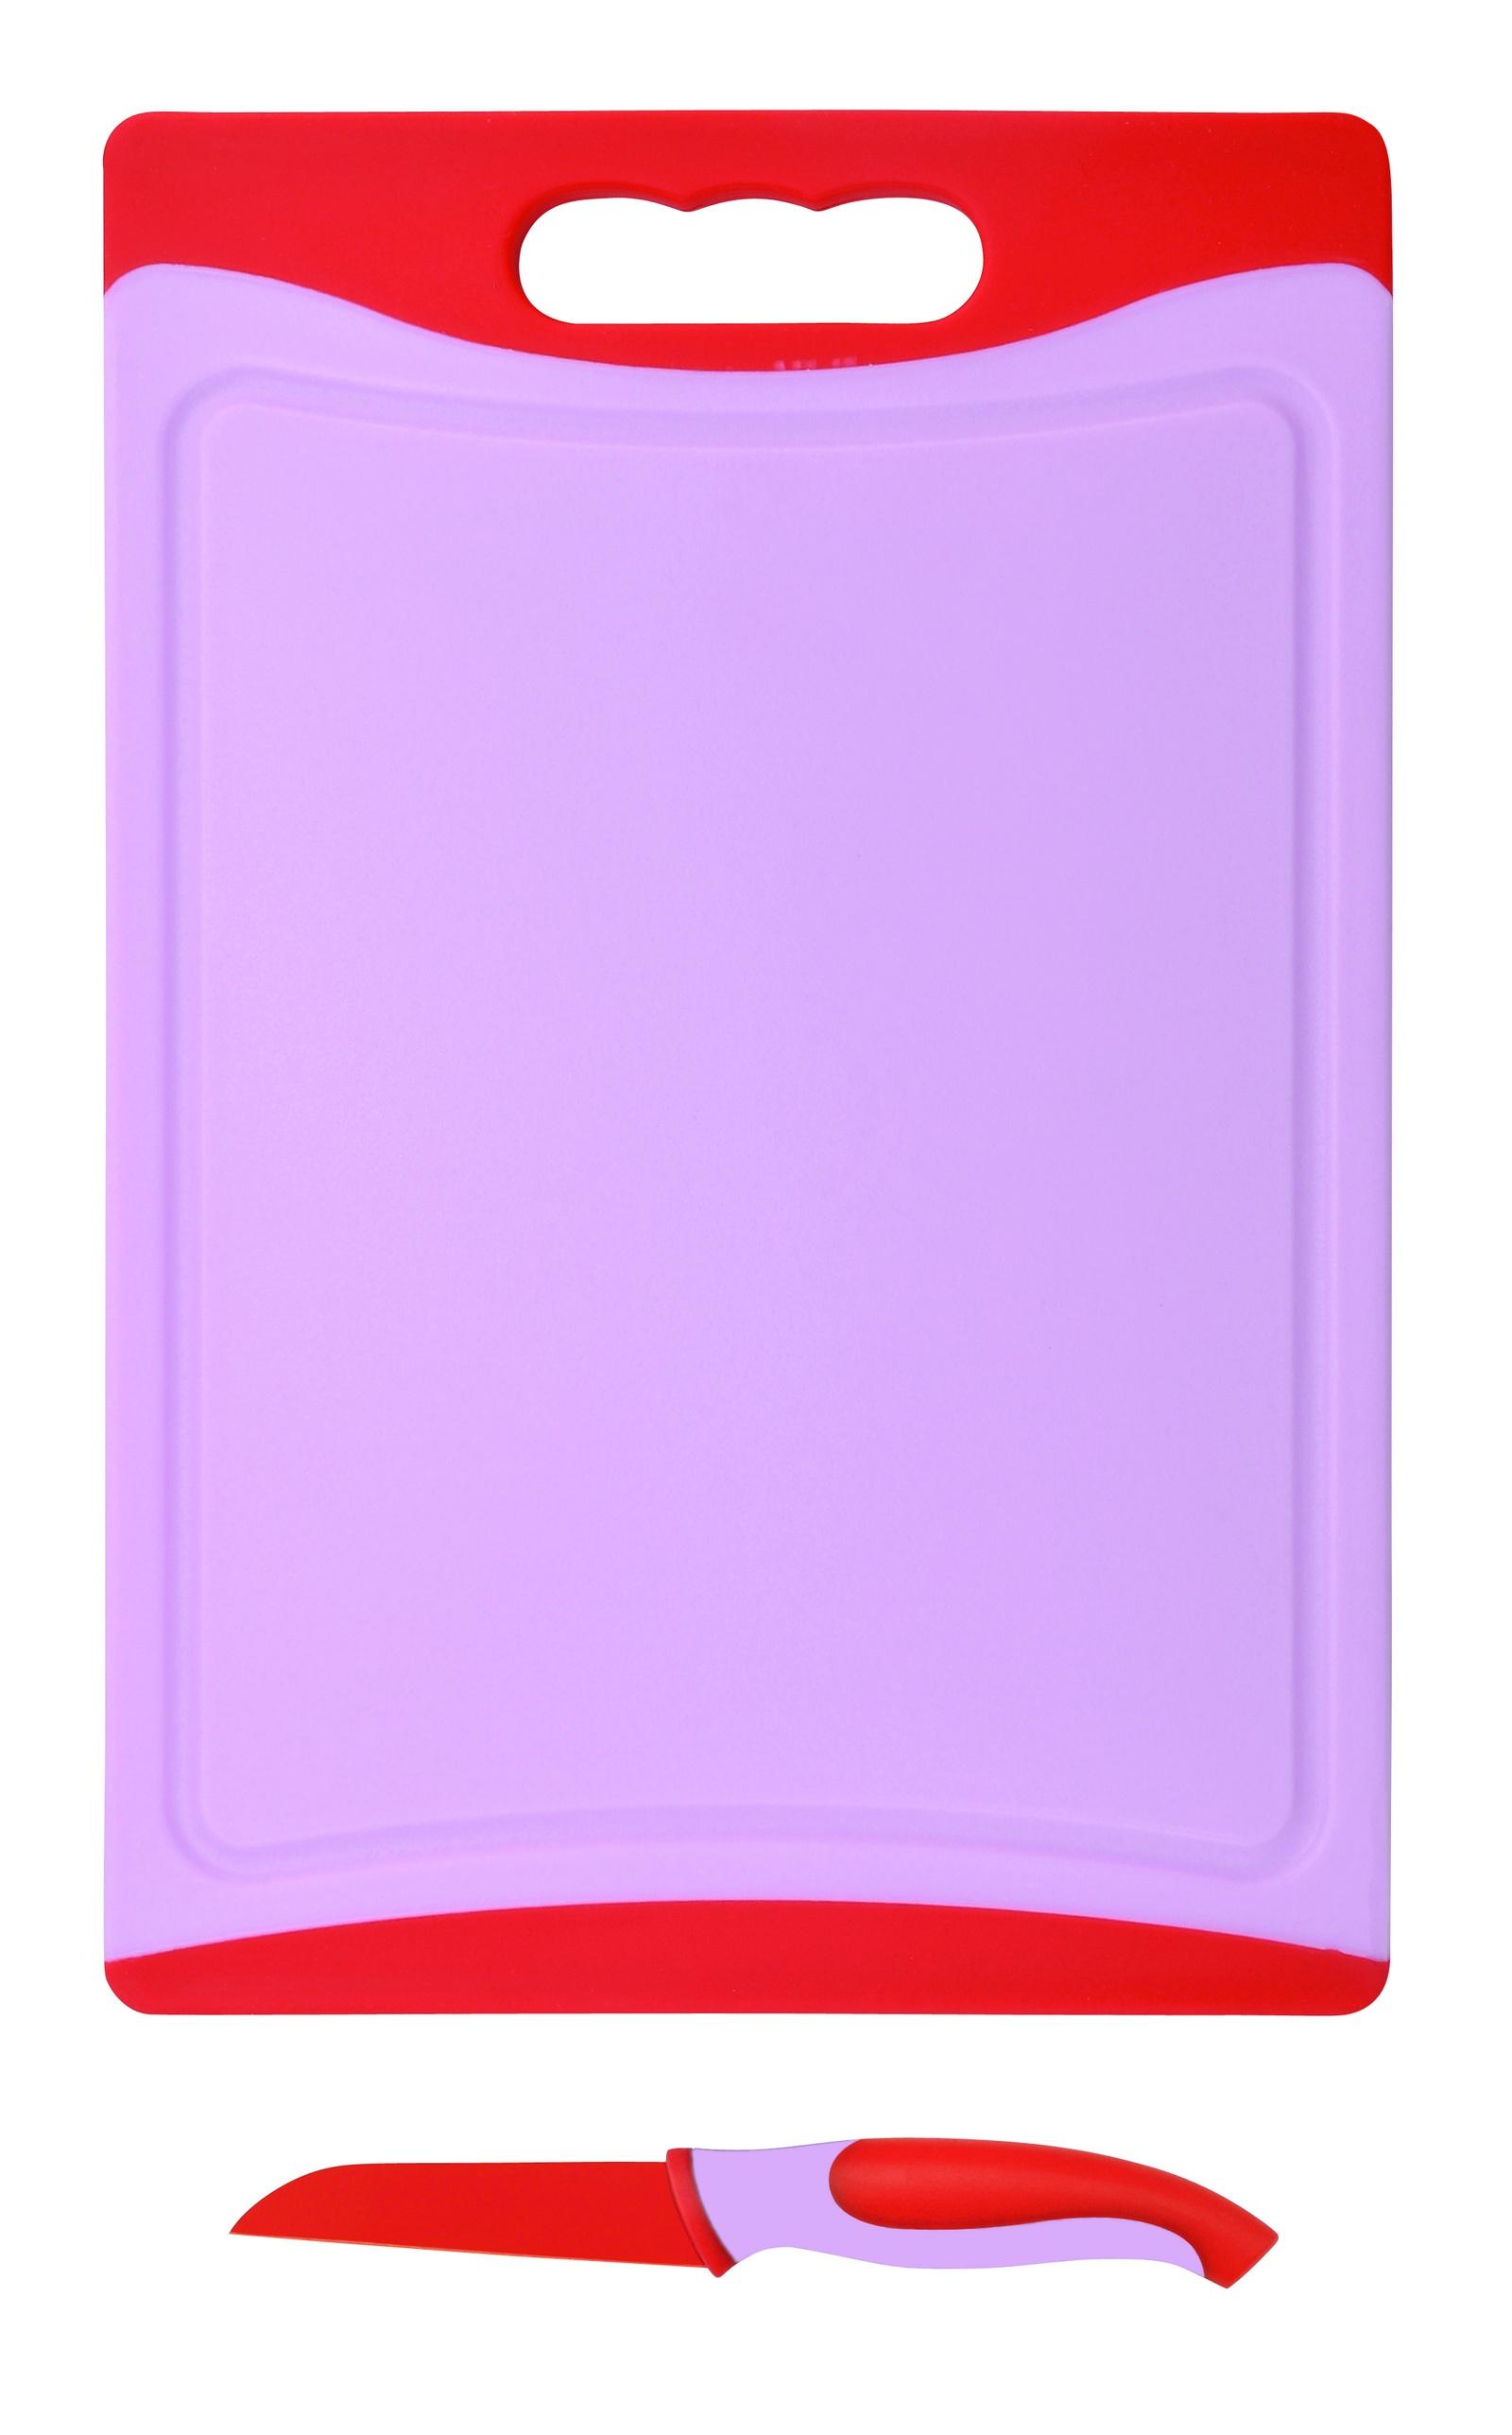 Набор ножей Bohmann BH-5212, 2 шт, 9см + доска разделочная, красный разделочная доска домашний сундук гибкая цвет красный синий 2 шт